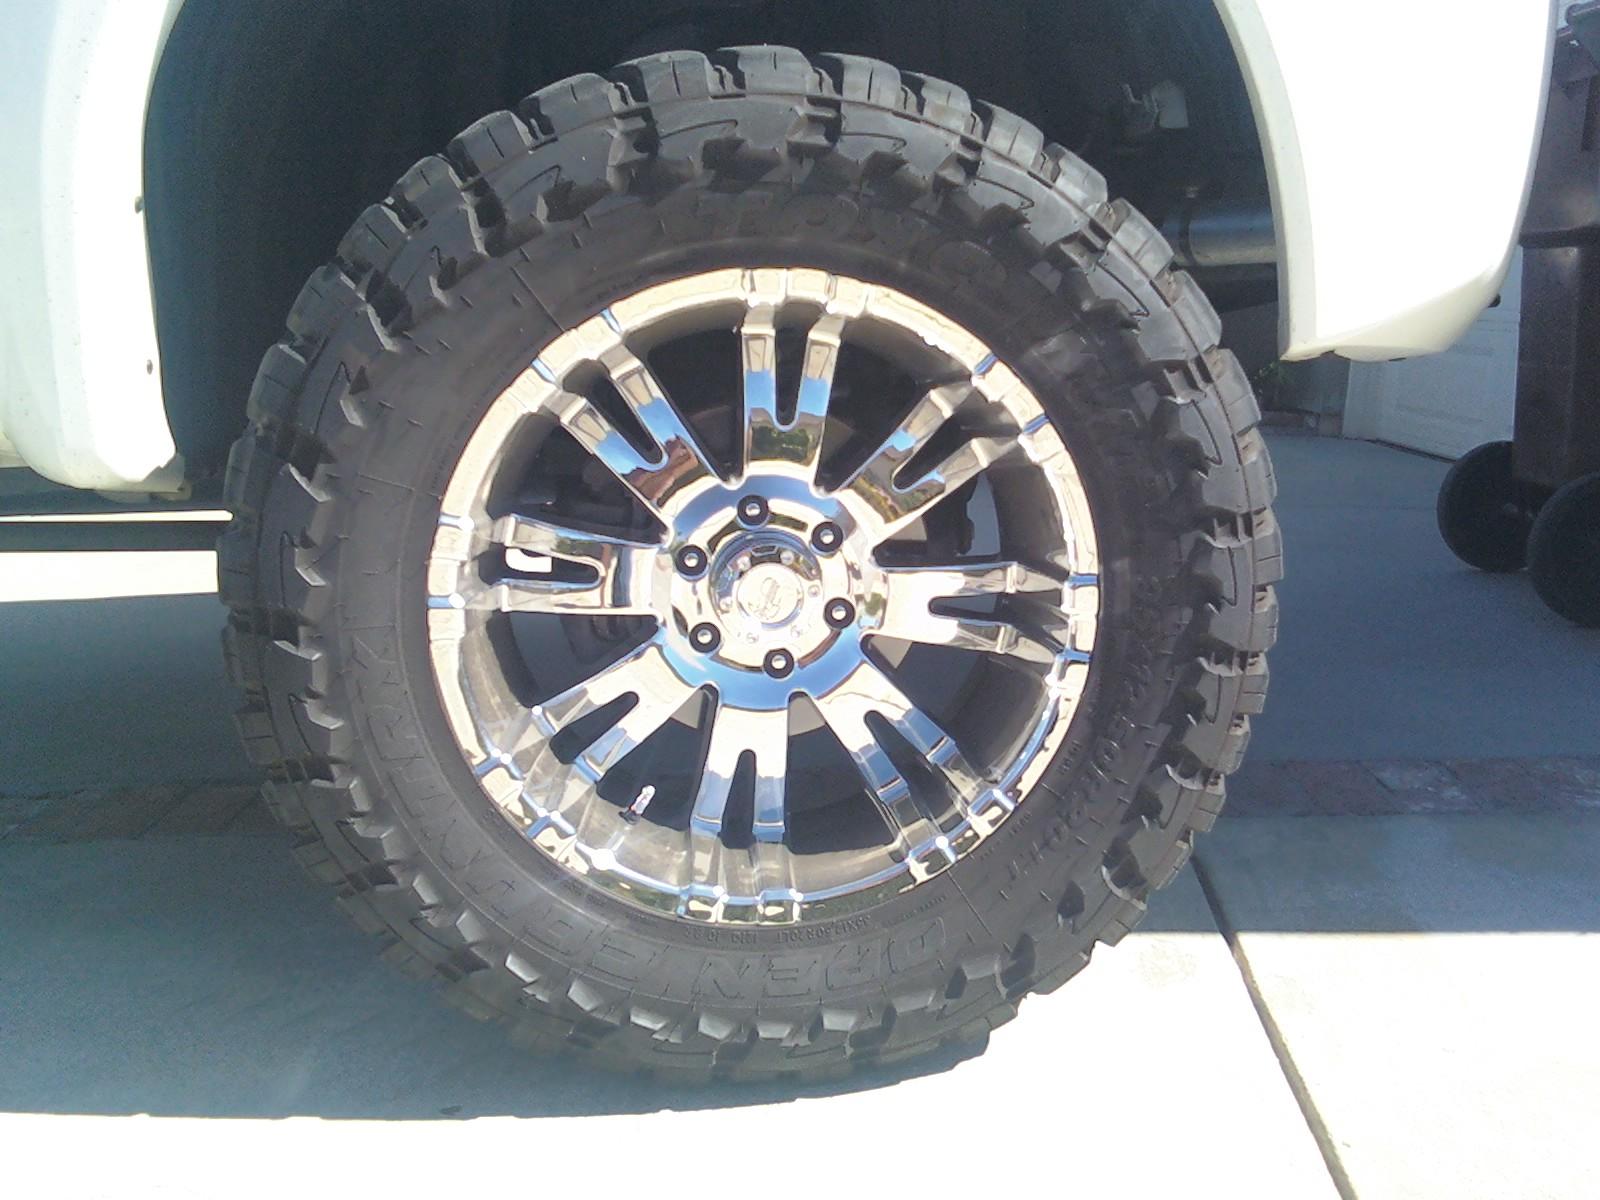 35x12 5x20 Toyo M T s on chrome Pro p 6001 wheels Nissan Titan Forum